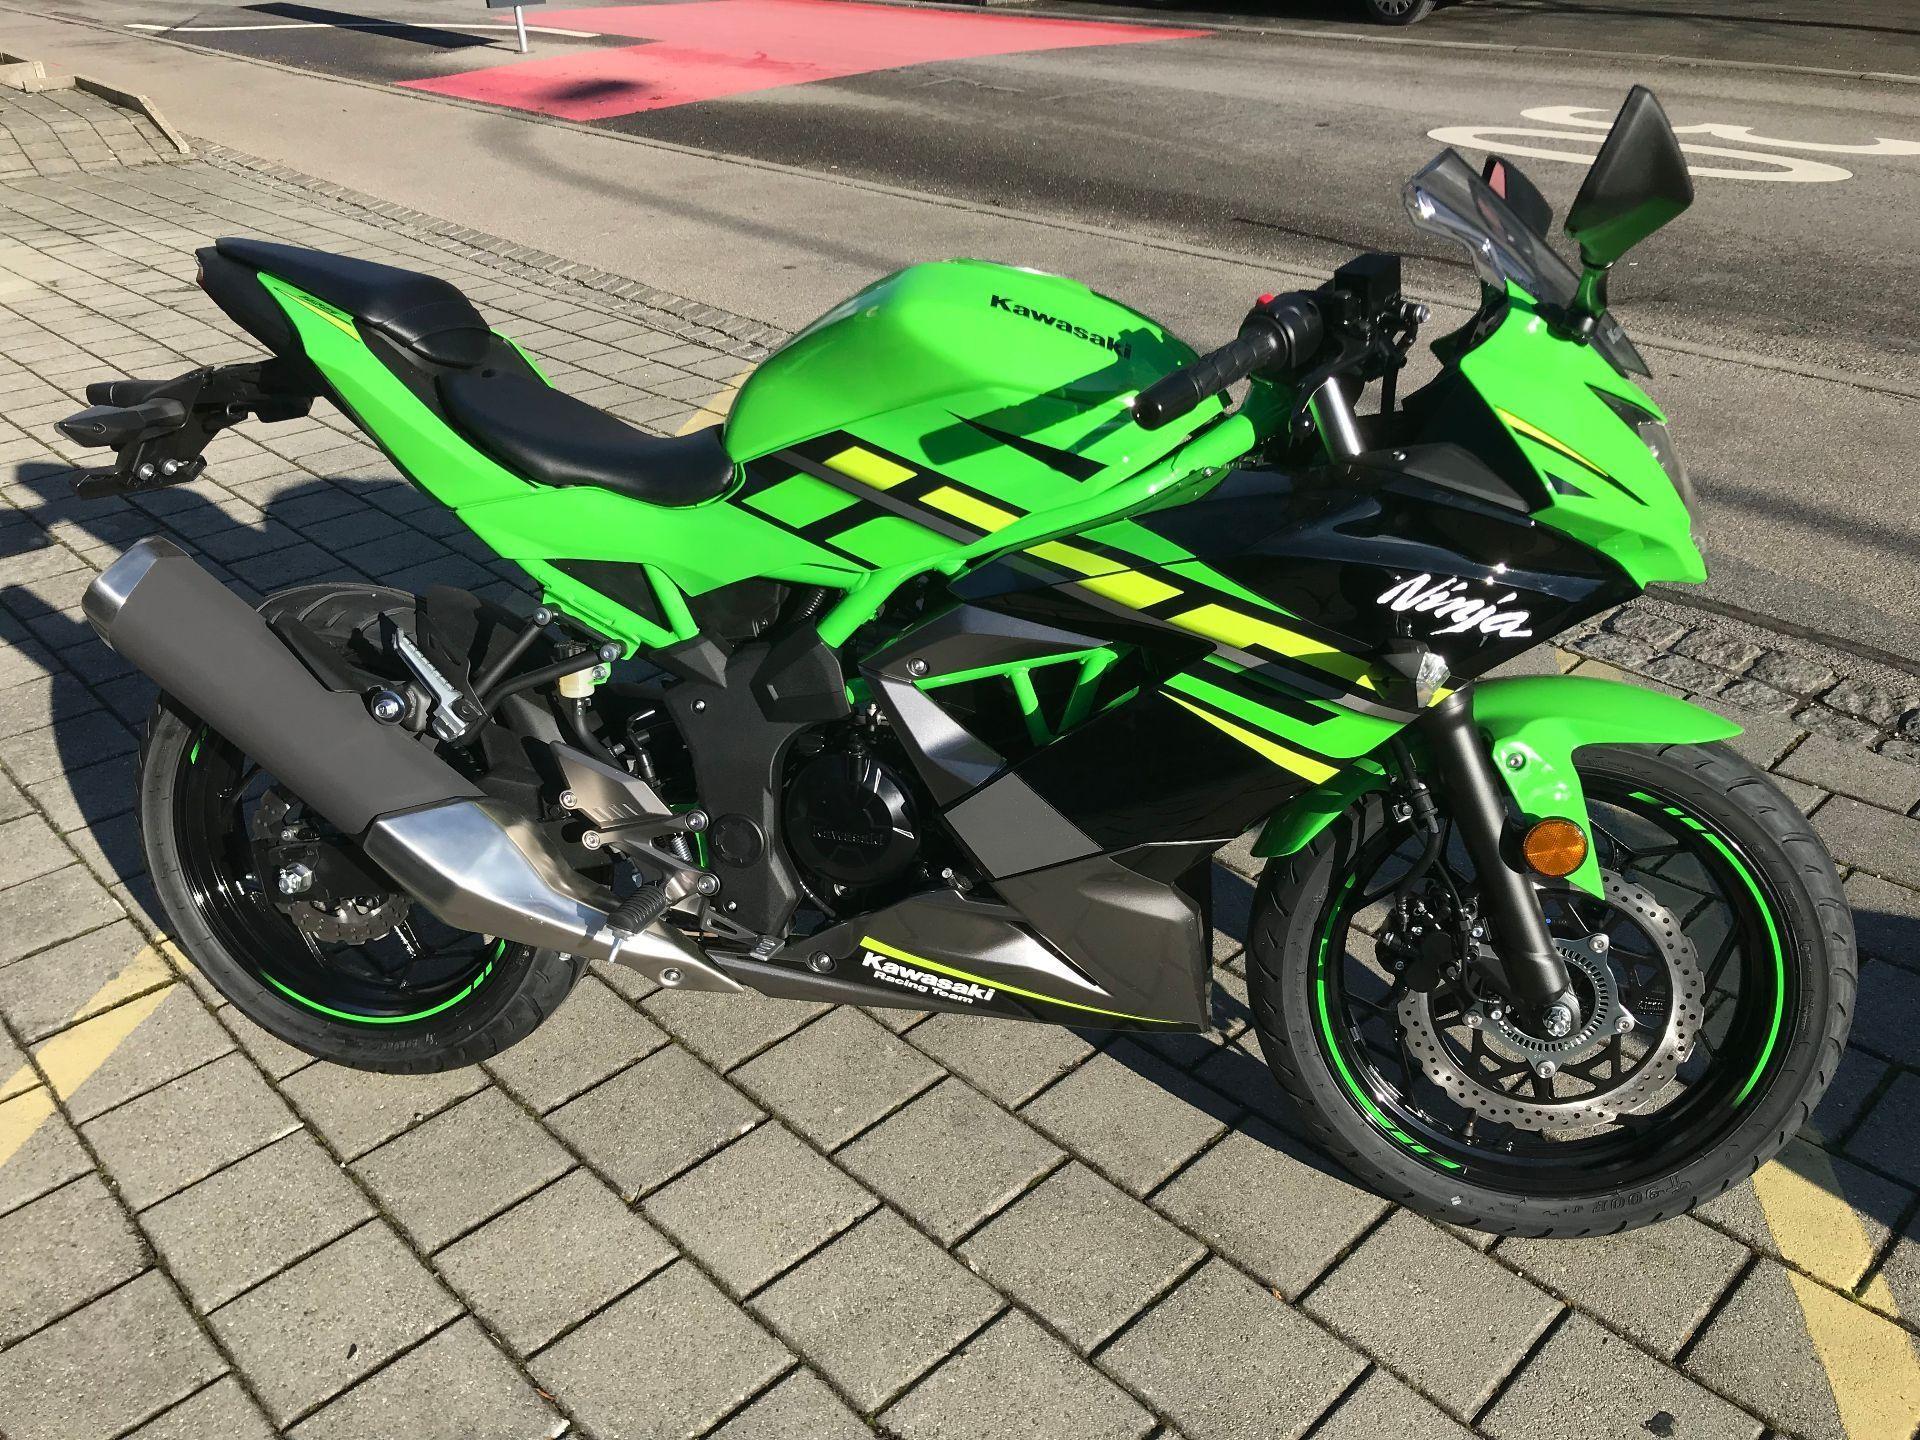 Buy Motorbike New Vehiclebike Kawasaki Ninja 125 Se Krt 2 Rad